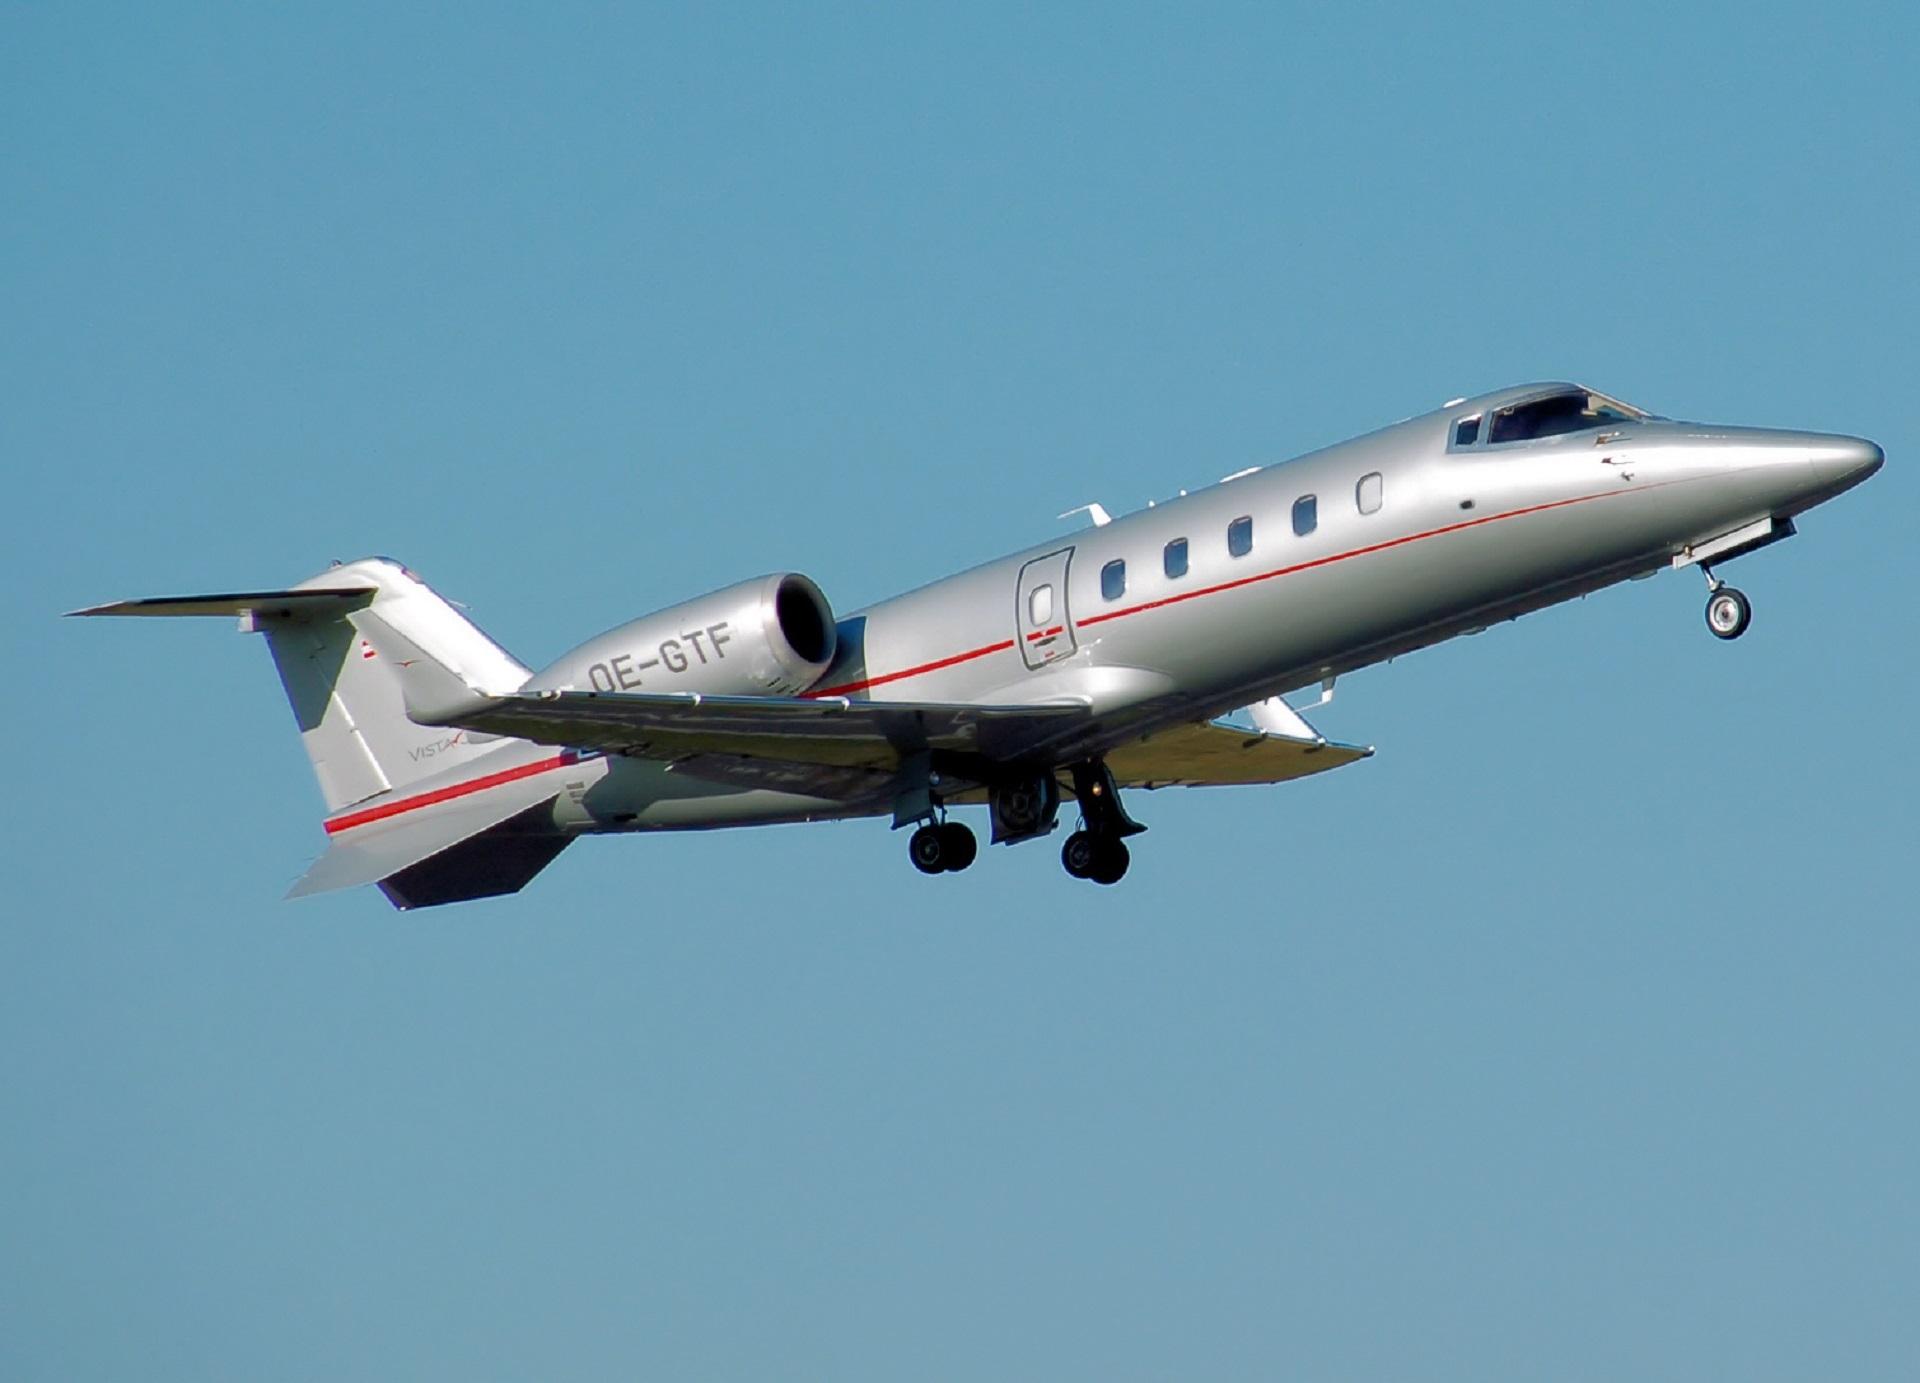 Gambar Pesawat Terbang Kendaraan Perusahaan Penerbangan Kecil